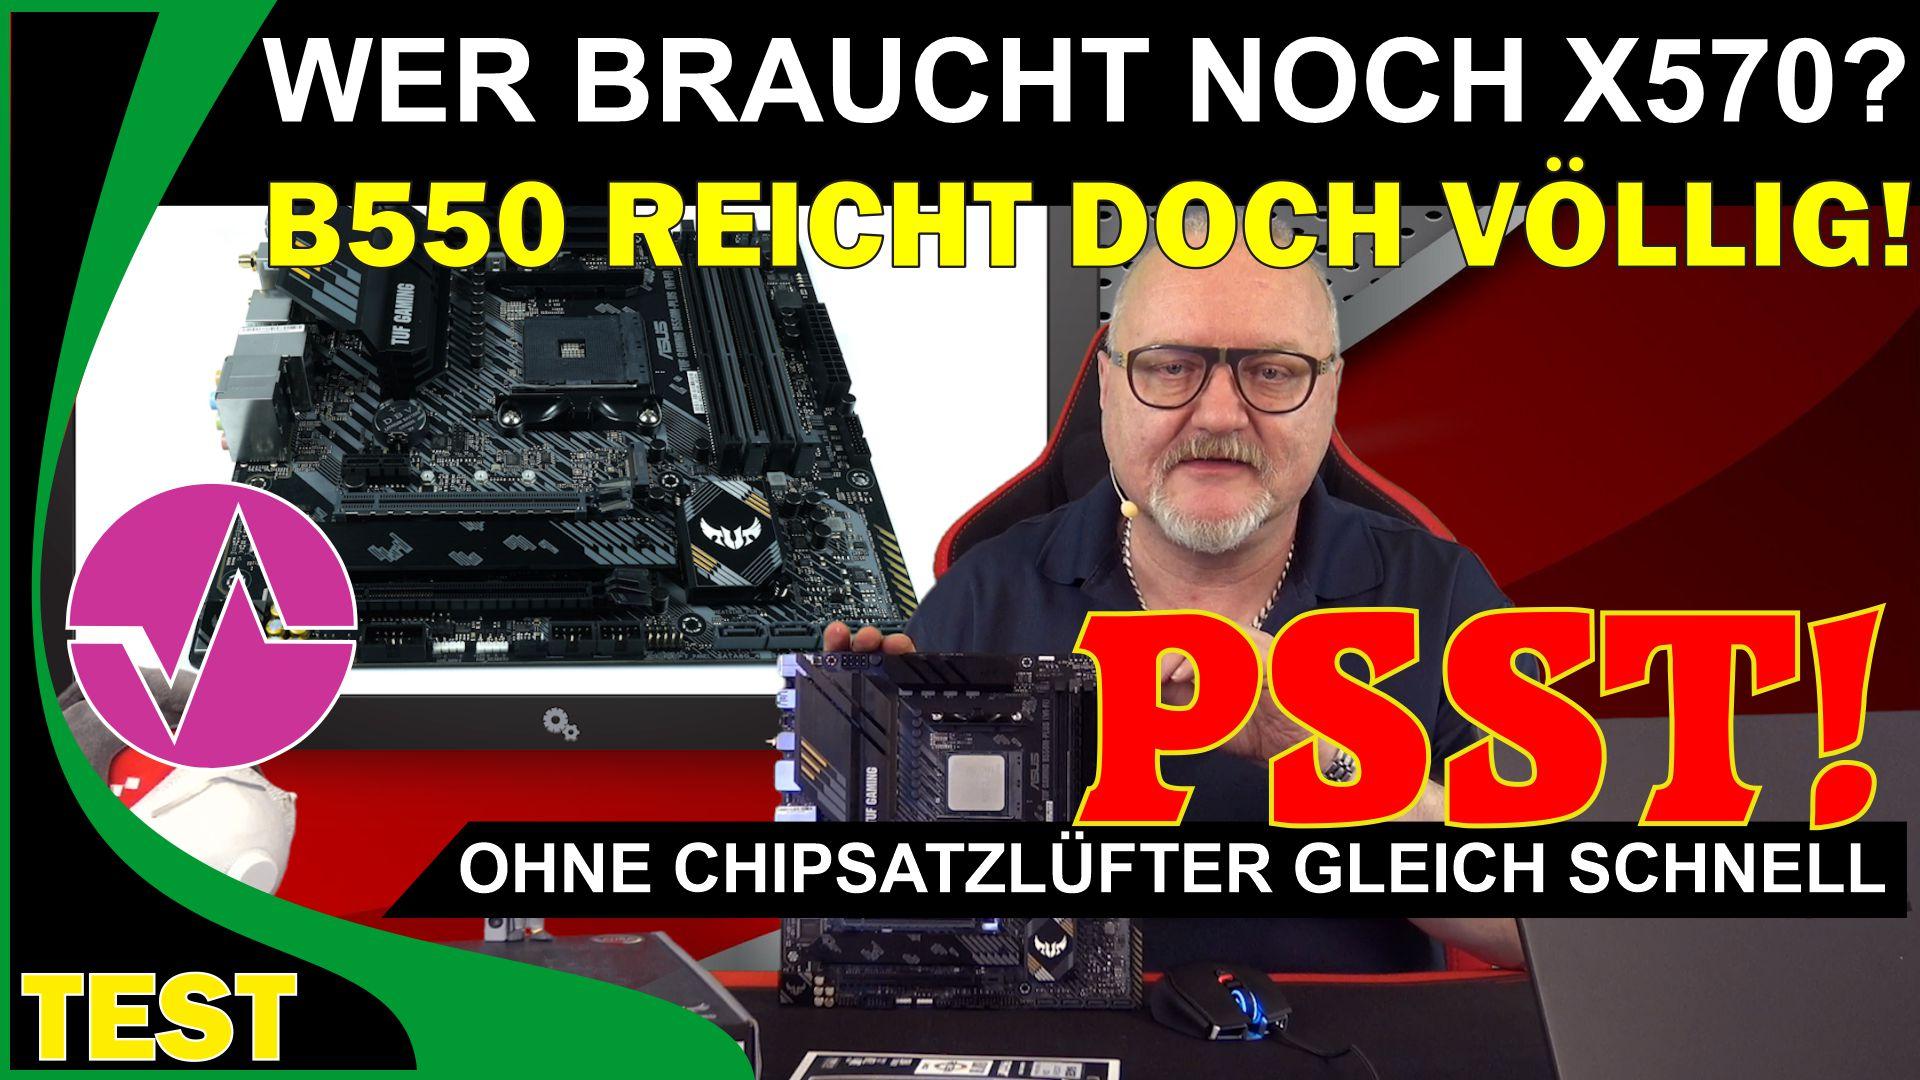 www.igorslab.de